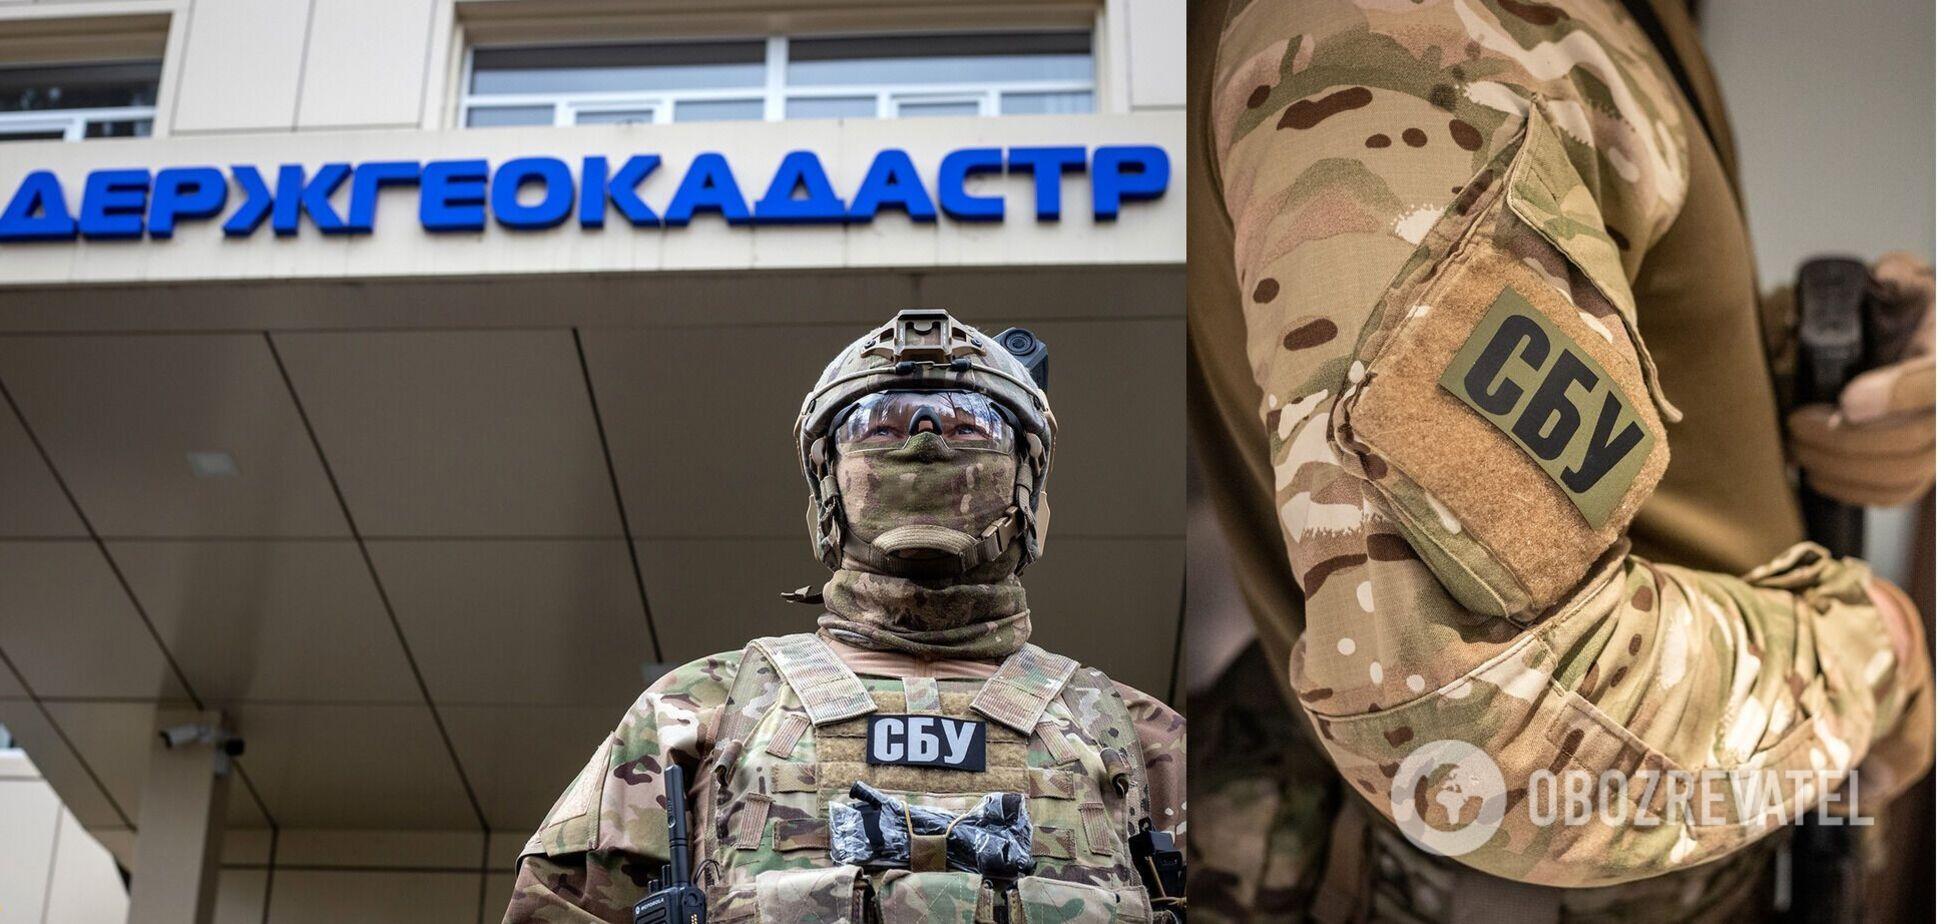 СБУ разоблачила чиновников Госгеокадастра на крупном мошенничестве с землей. Фото и видео